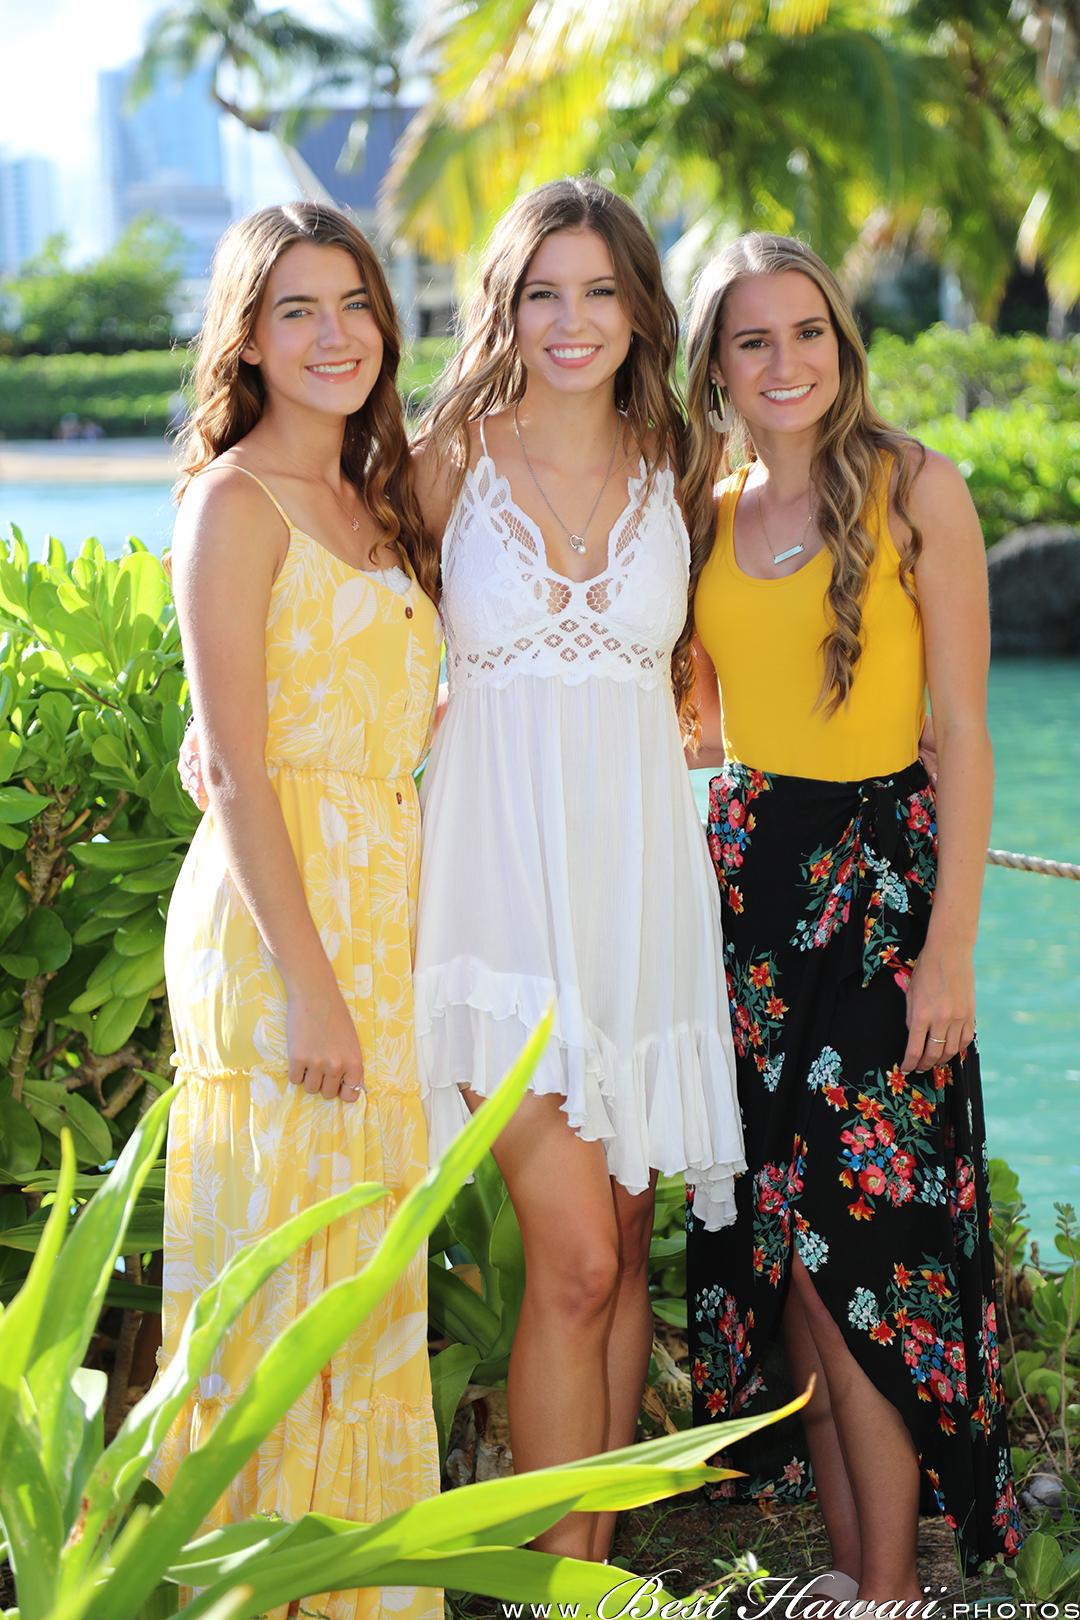 Family Photography at Hilton Hawaiian Village Lagoon in Honolulu, Hawaii